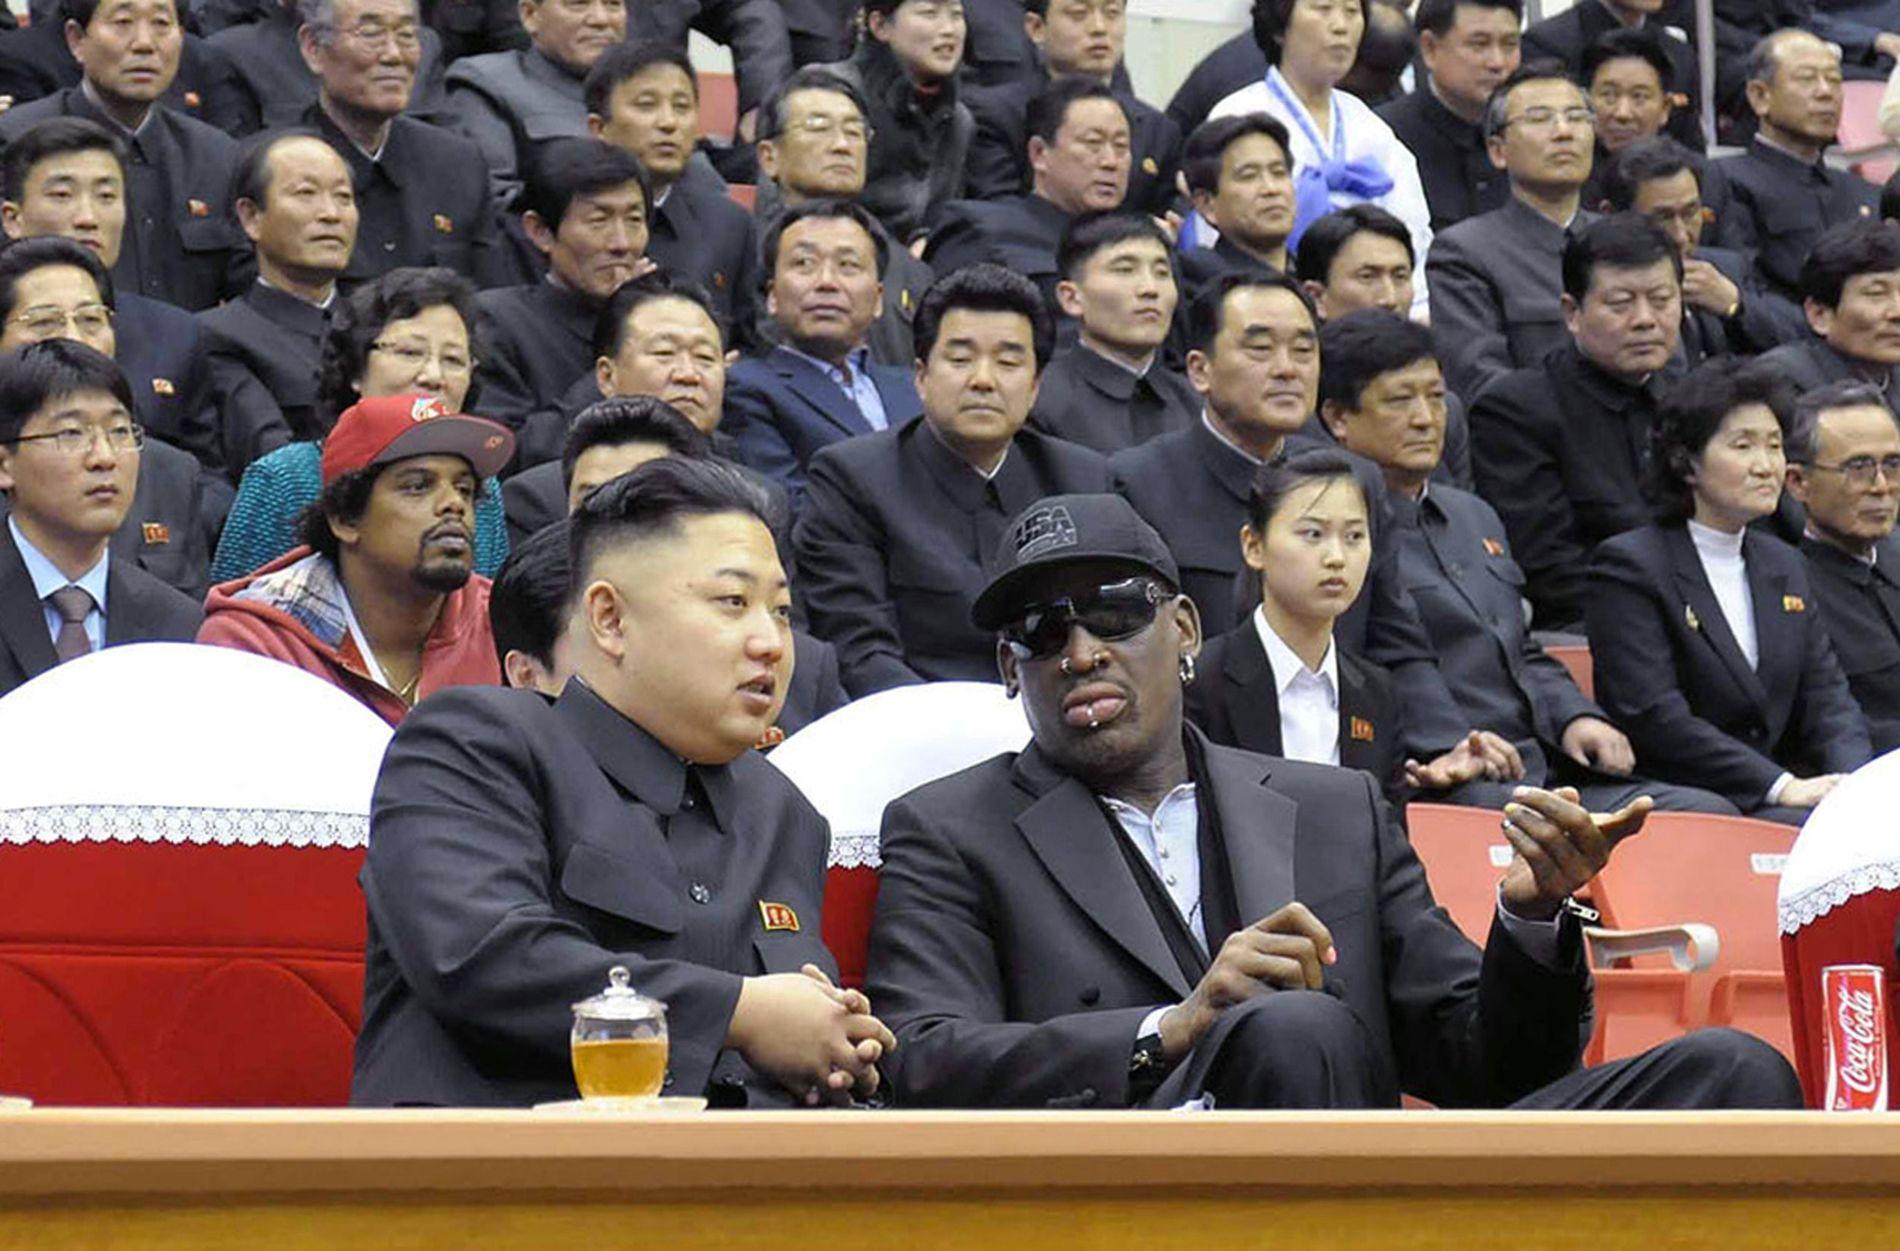 GODE VENNER: Den tidligere NBA-stjernen Dennis Rodman og Nord-Koreas diktator Kim Jong-un har utviklet et nært vennskap de siste årene. Foto: AFP